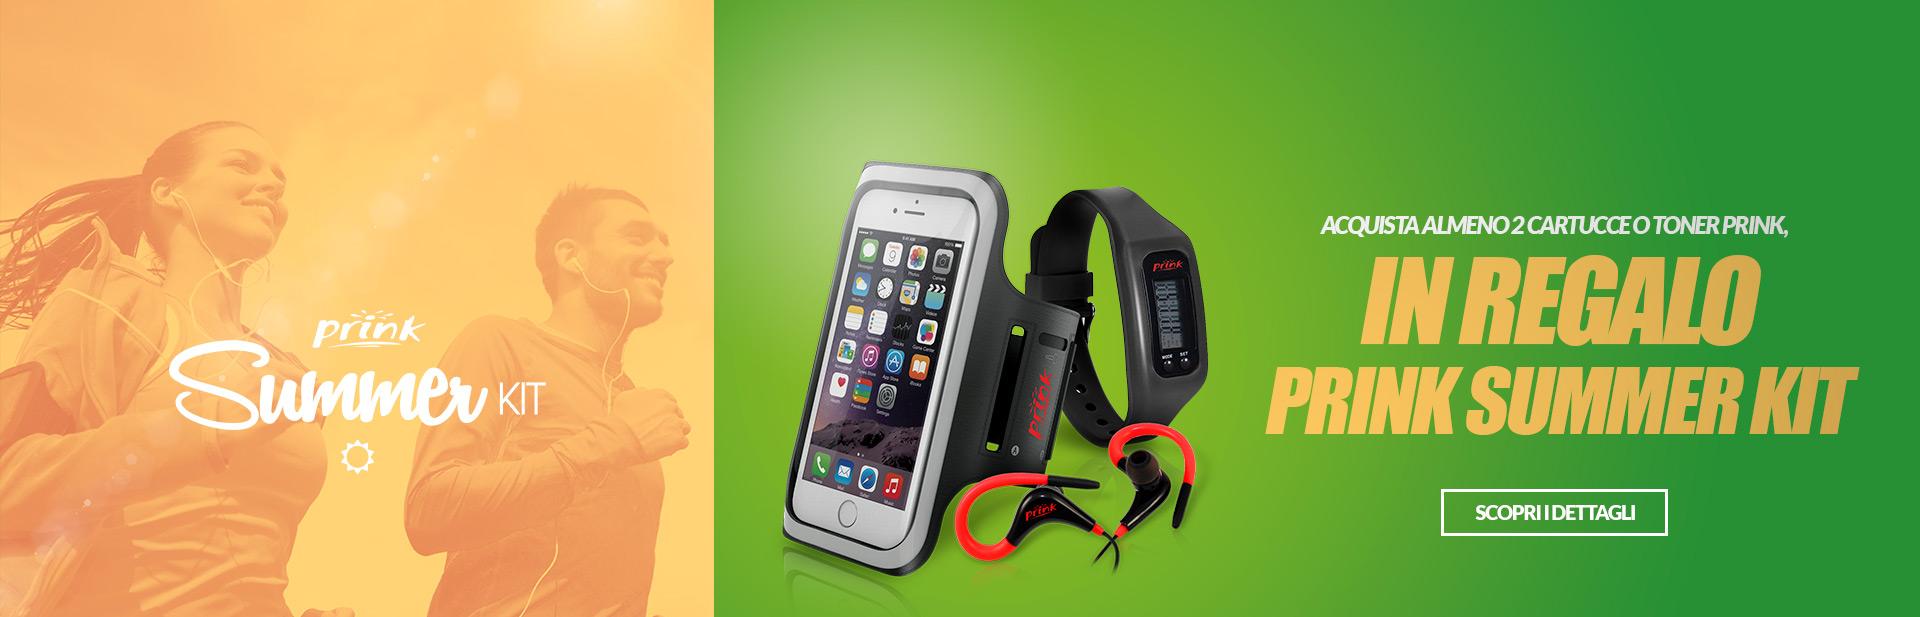 porta-cellulare-contapassi-auricolari-stereo-Prink-Summer-Kit-in-omaggio-SL